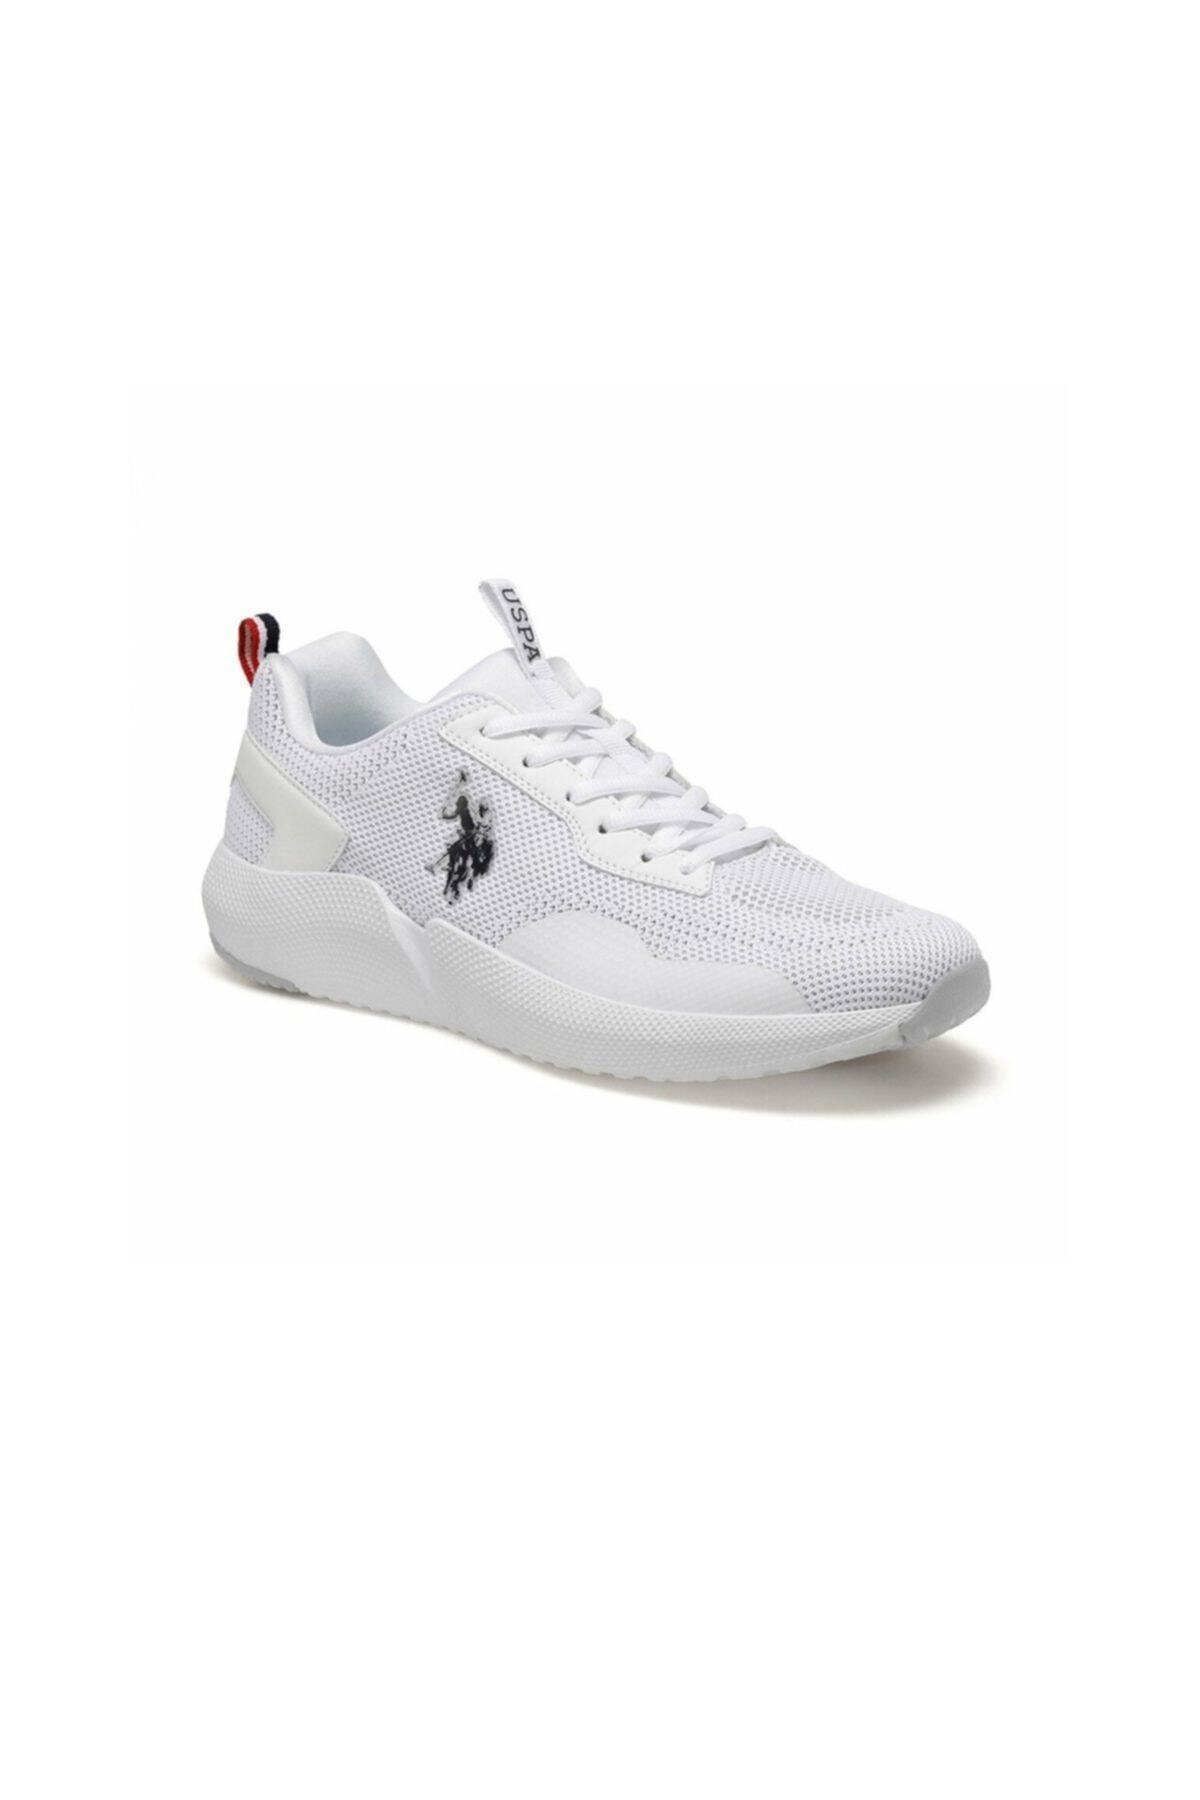 Polo SAM Beyaz Erkek Sneaker Ayakkabı 100489809 1